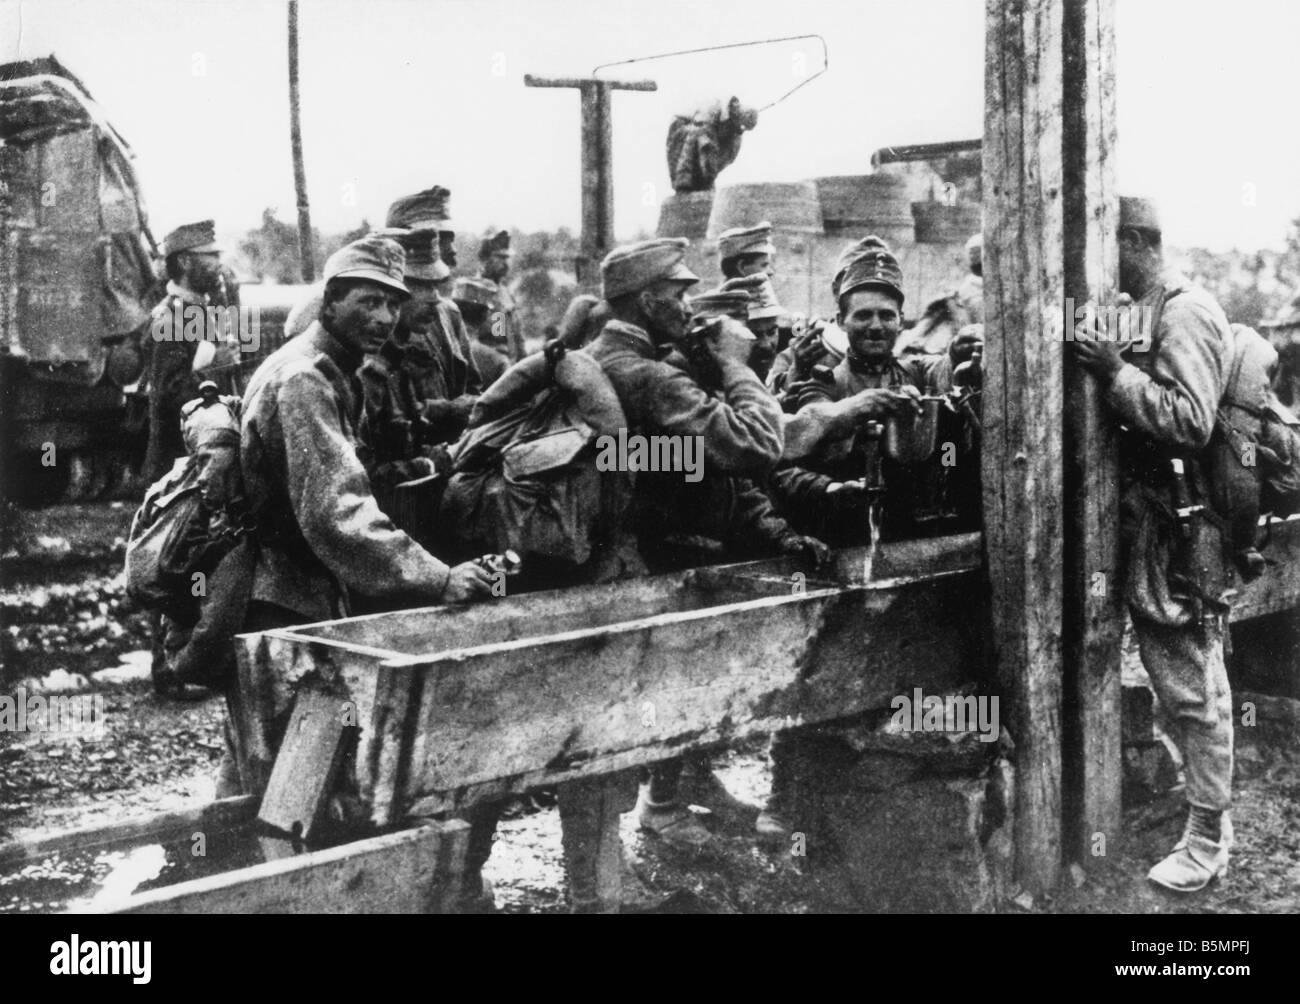 9 1915 0 0 A3 E Isonzo battles Austrian soldiers 1915 World War 1 Italian Front Isonzo battles 1915 17 Austrian - Stock Image